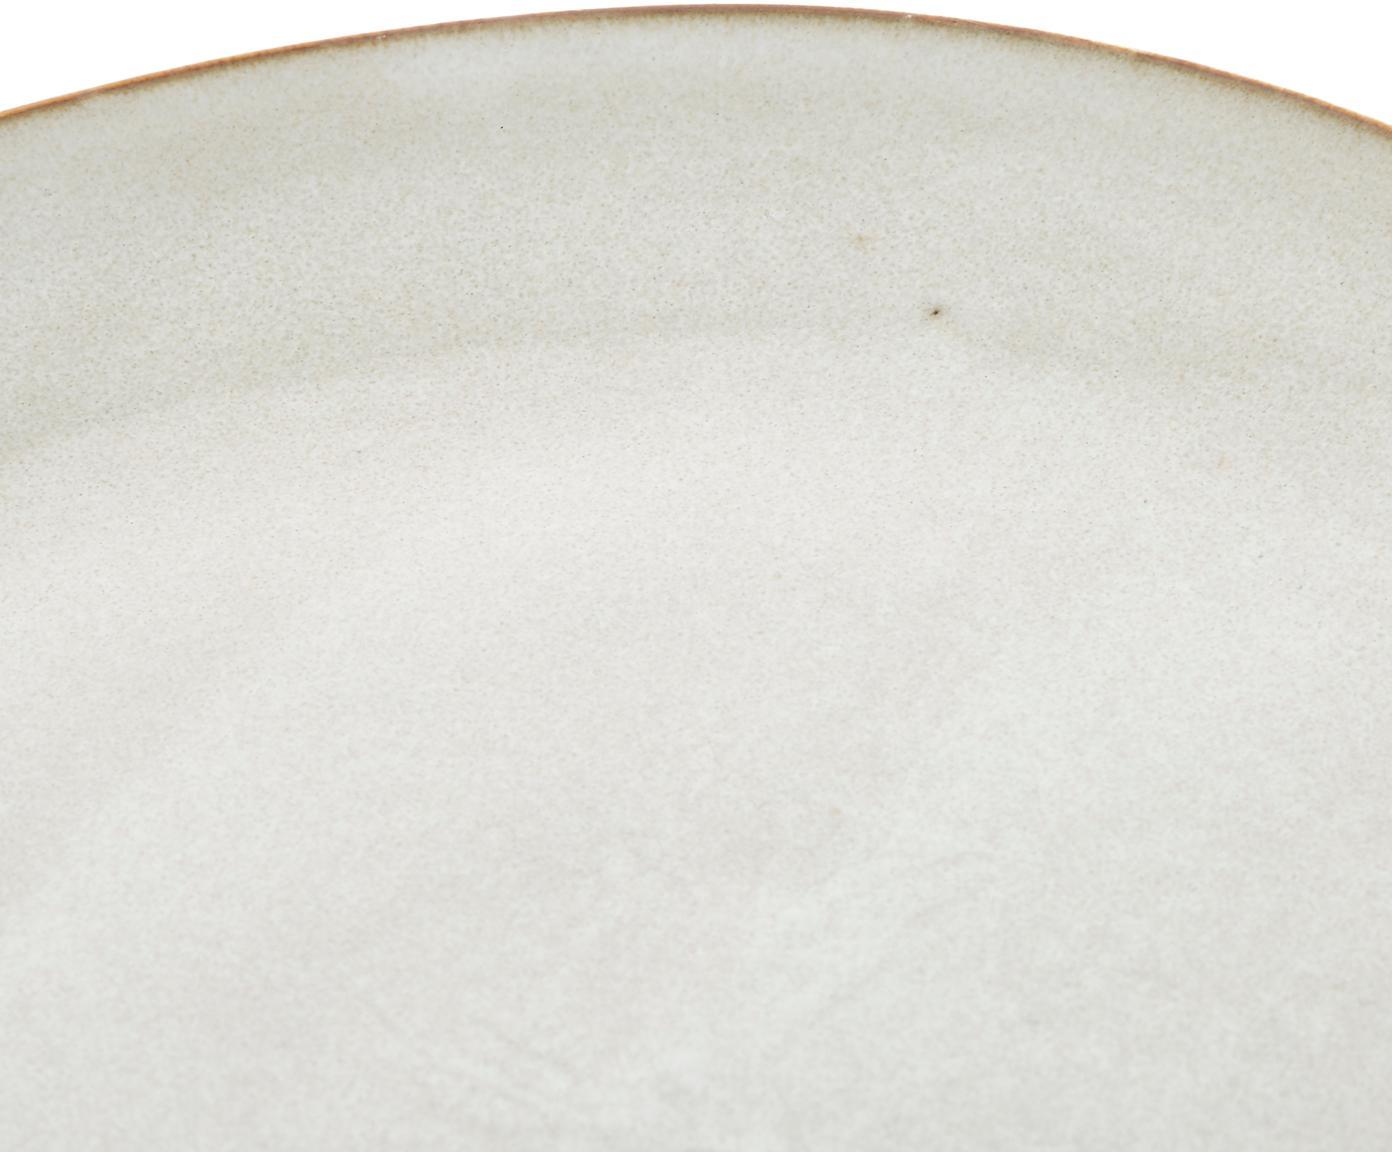 Ręcznie wykonany talerz śniadaniowy Thalia, 2 szt., Ceramika, Kremowy z ciemną krawędzią, Ø 22 cm